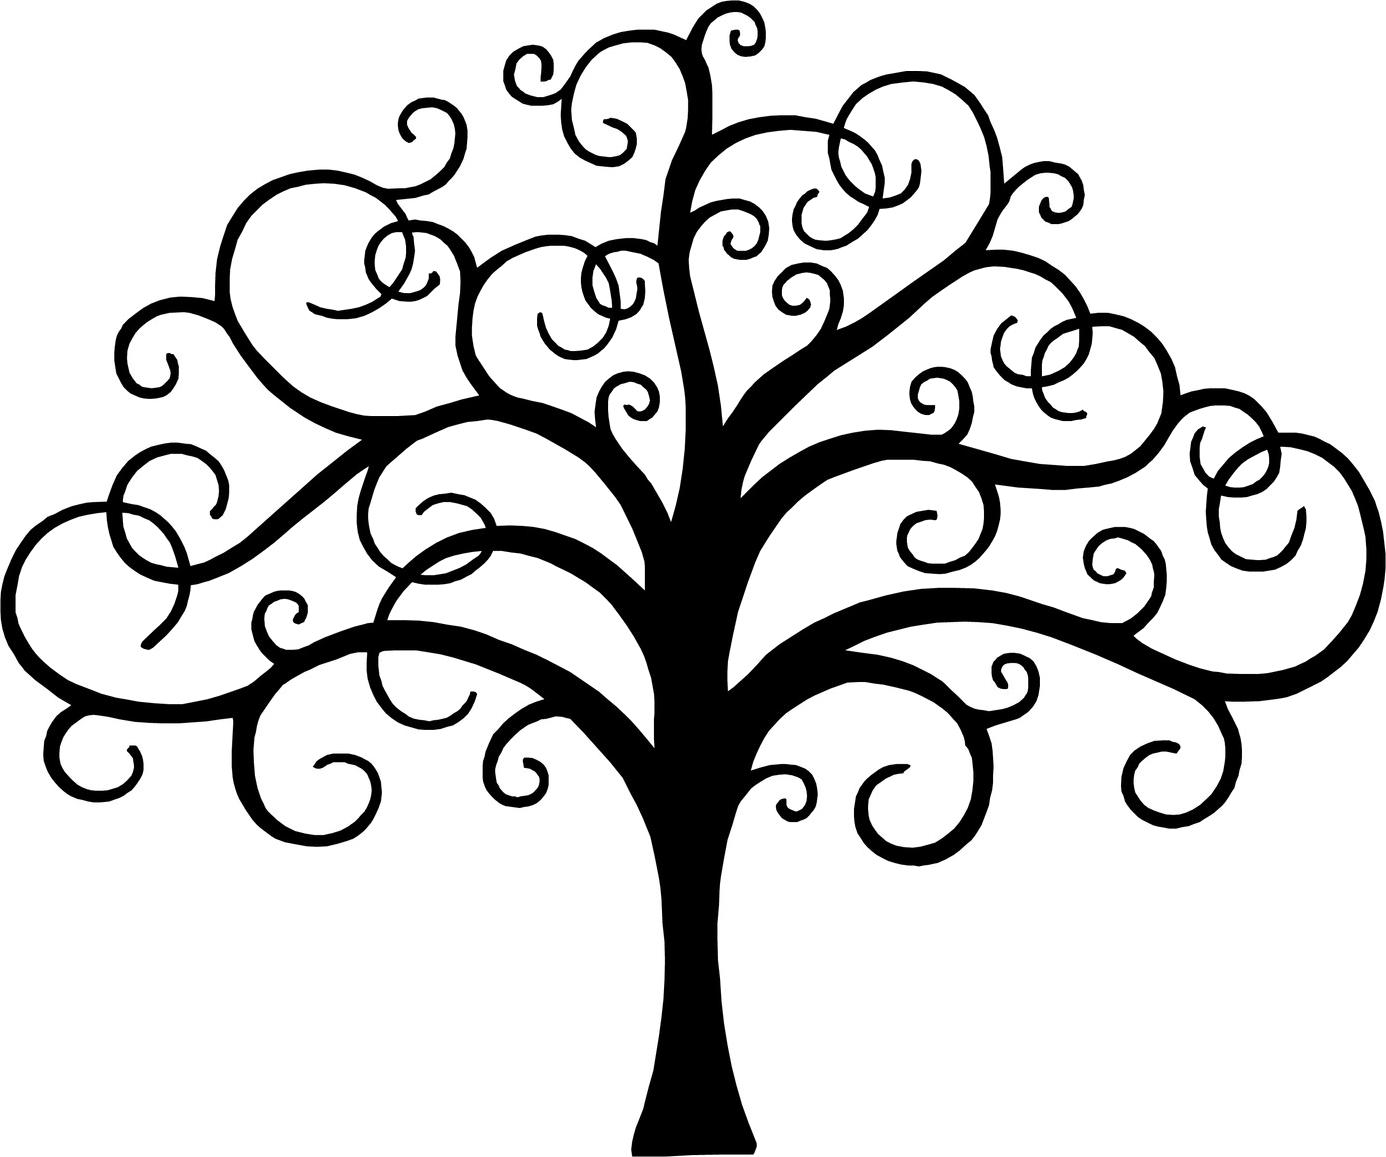 Celtic tree of life clipart banner transparent stock El arbol de la vida: Vive | Joining Up | Portal Joining Up ... banner transparent stock